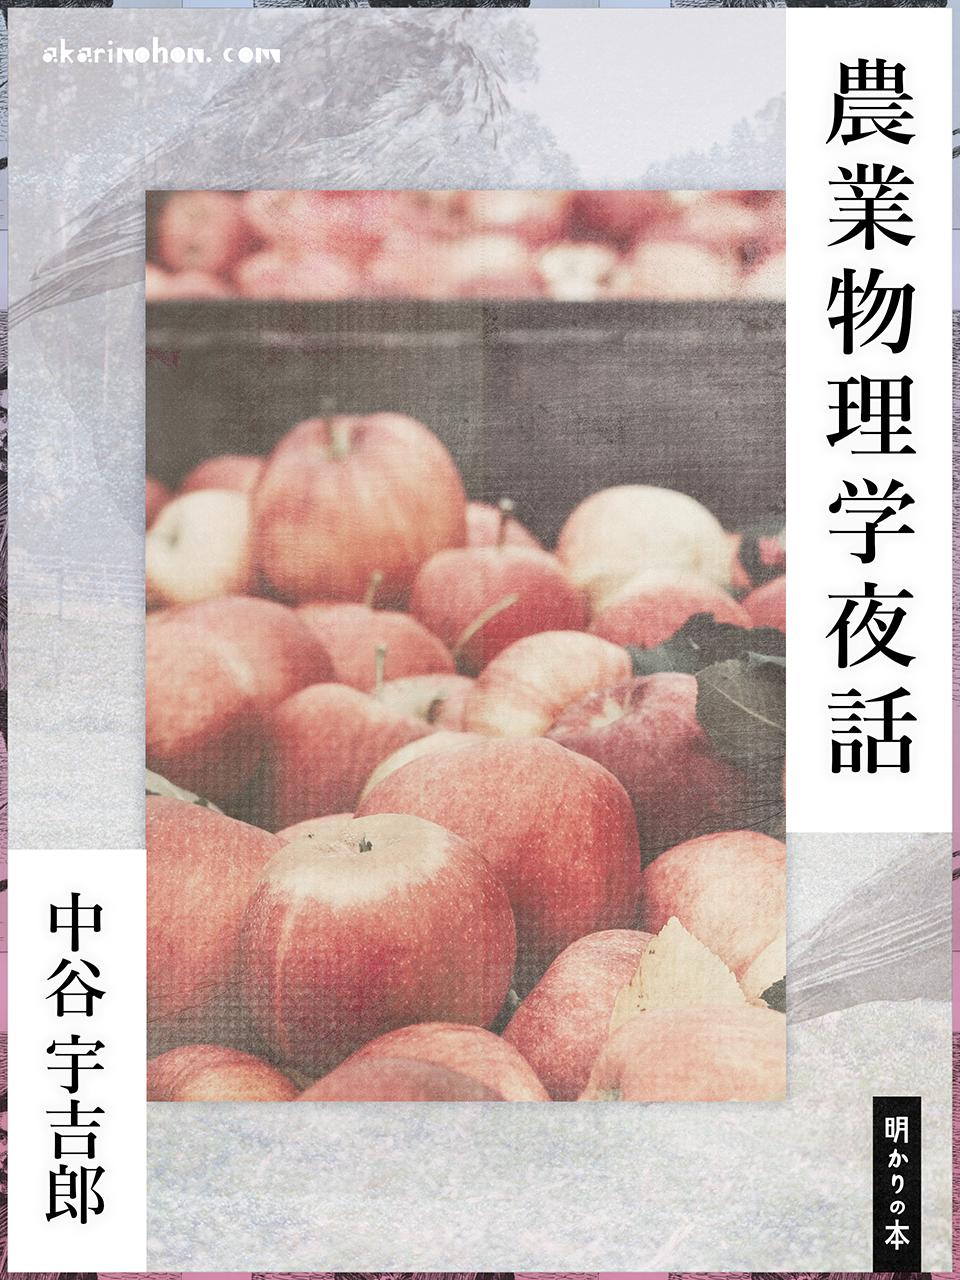 0000 - 農業物理学夜話 中谷宇吉郎